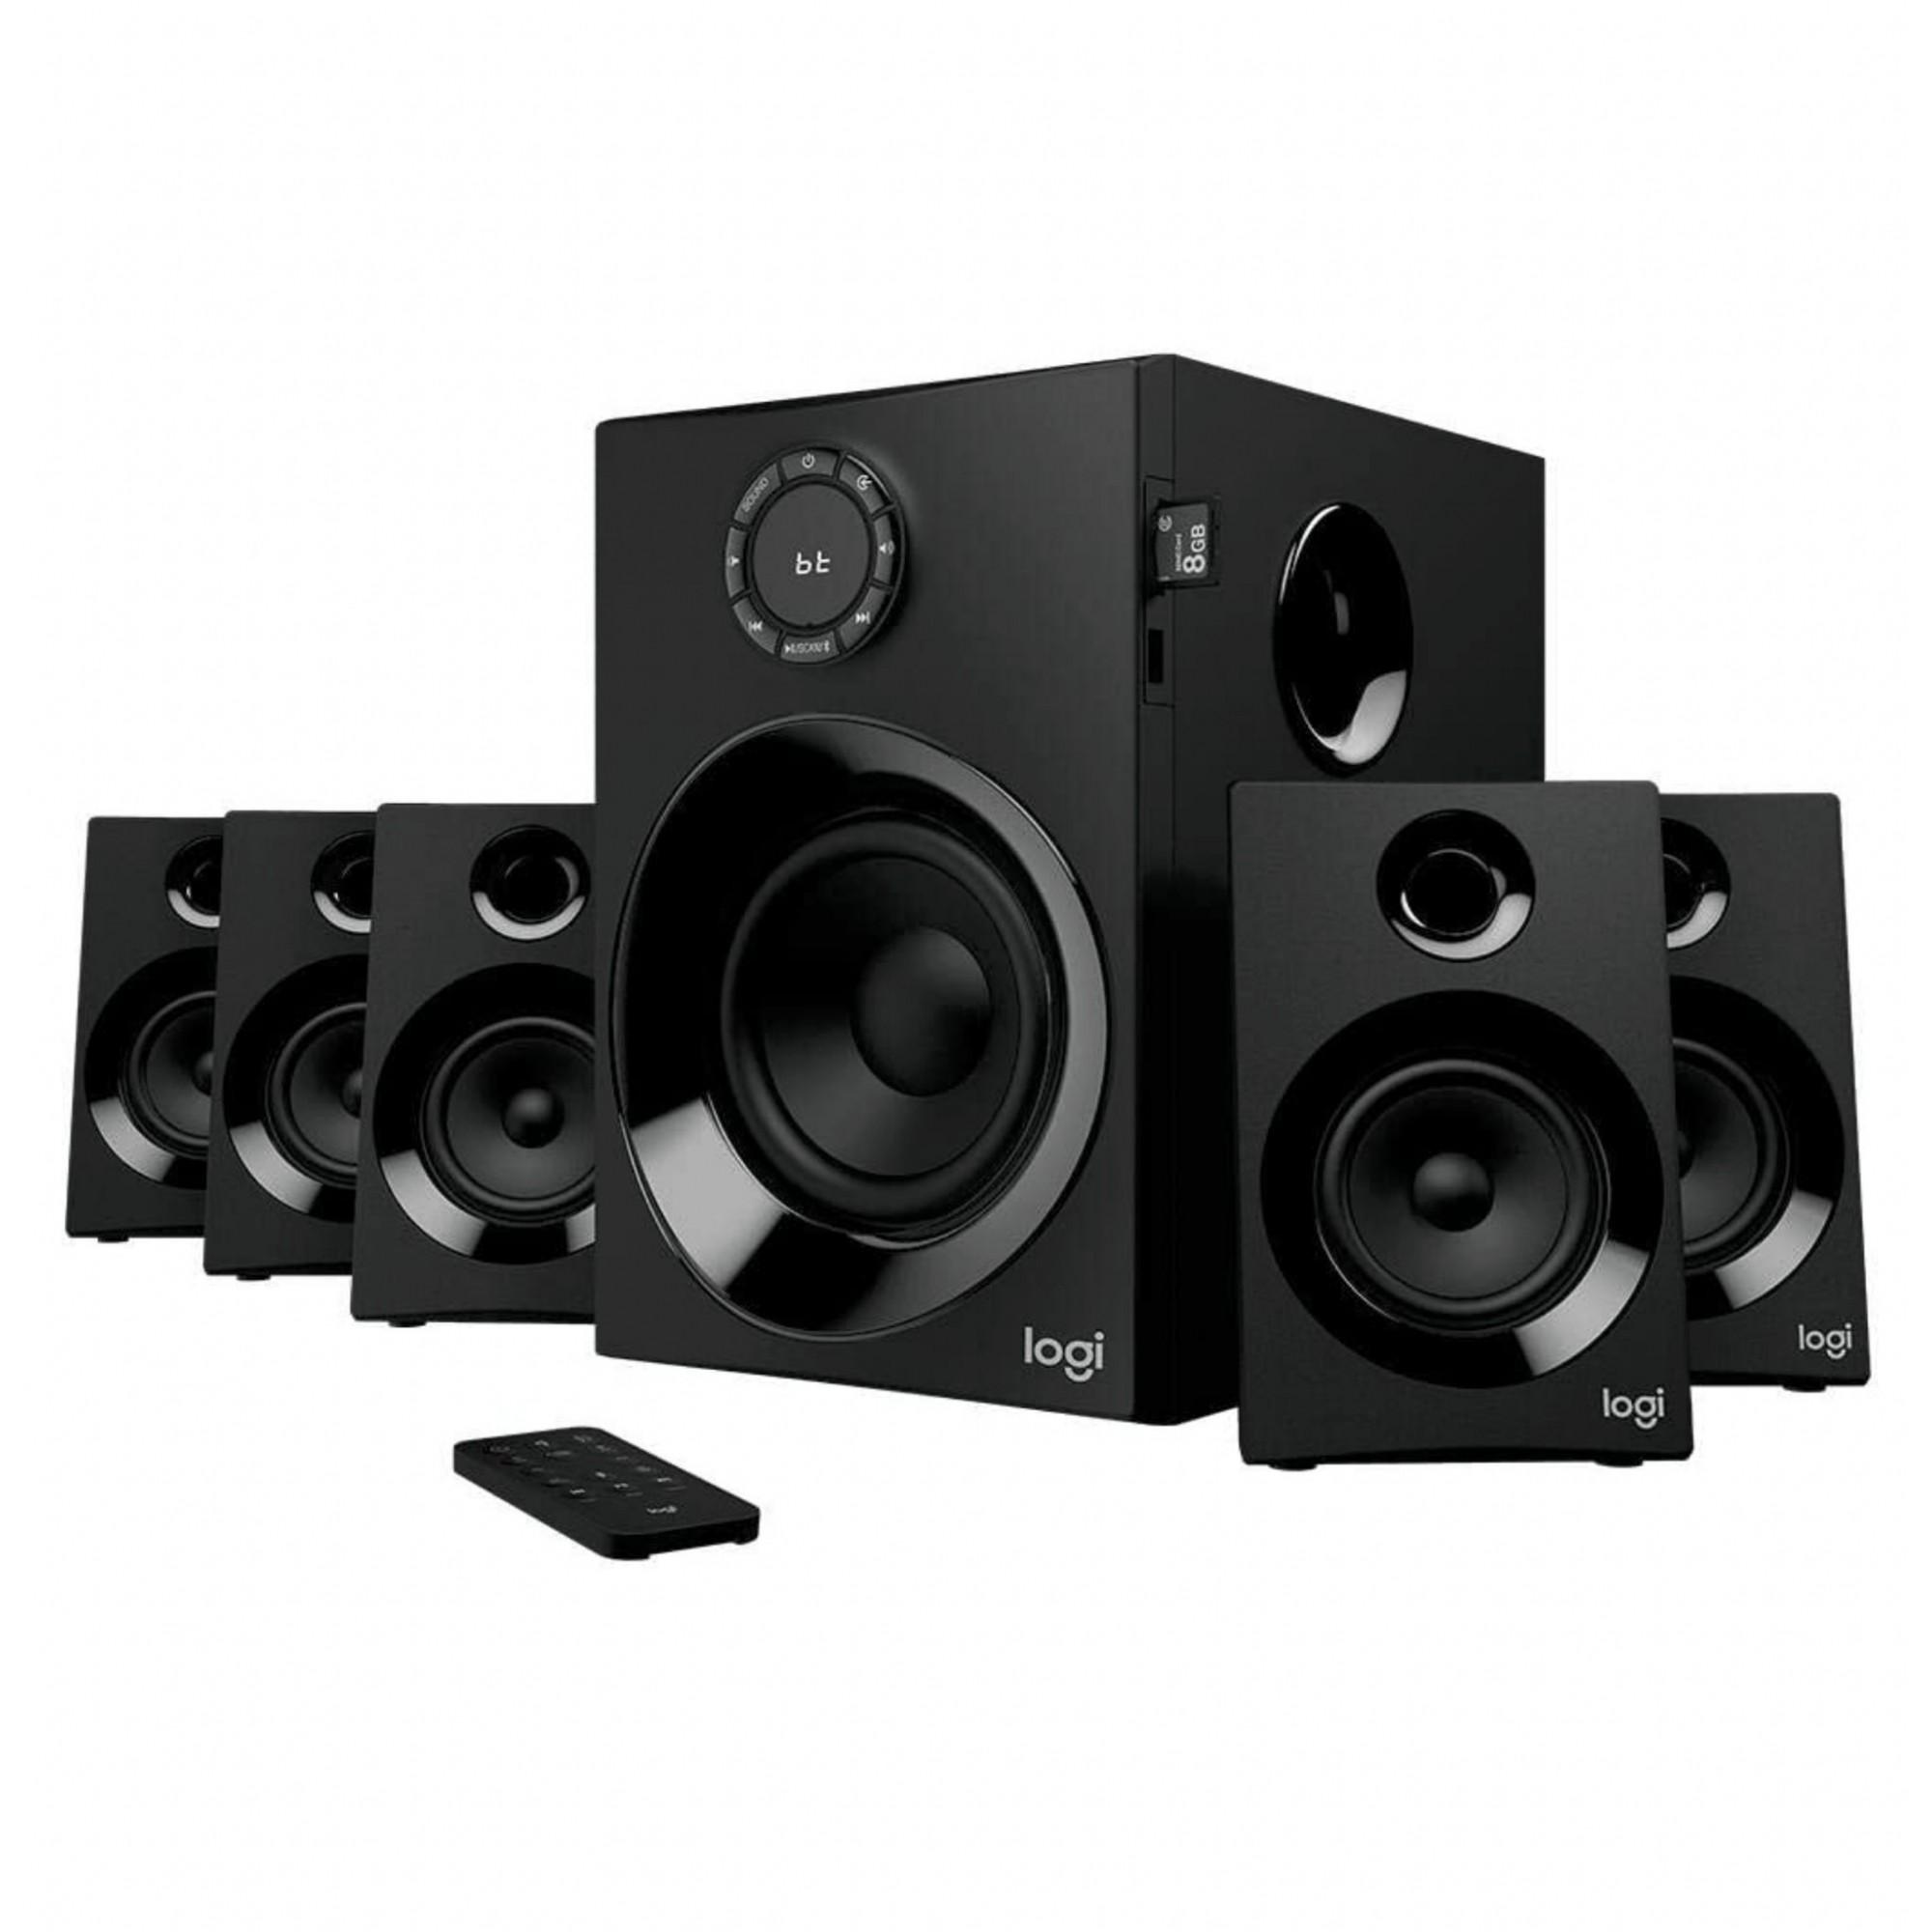 L o g i t e c h - Z607 Sistema Alto-falantes 5.1 Bluetooth 980-001315